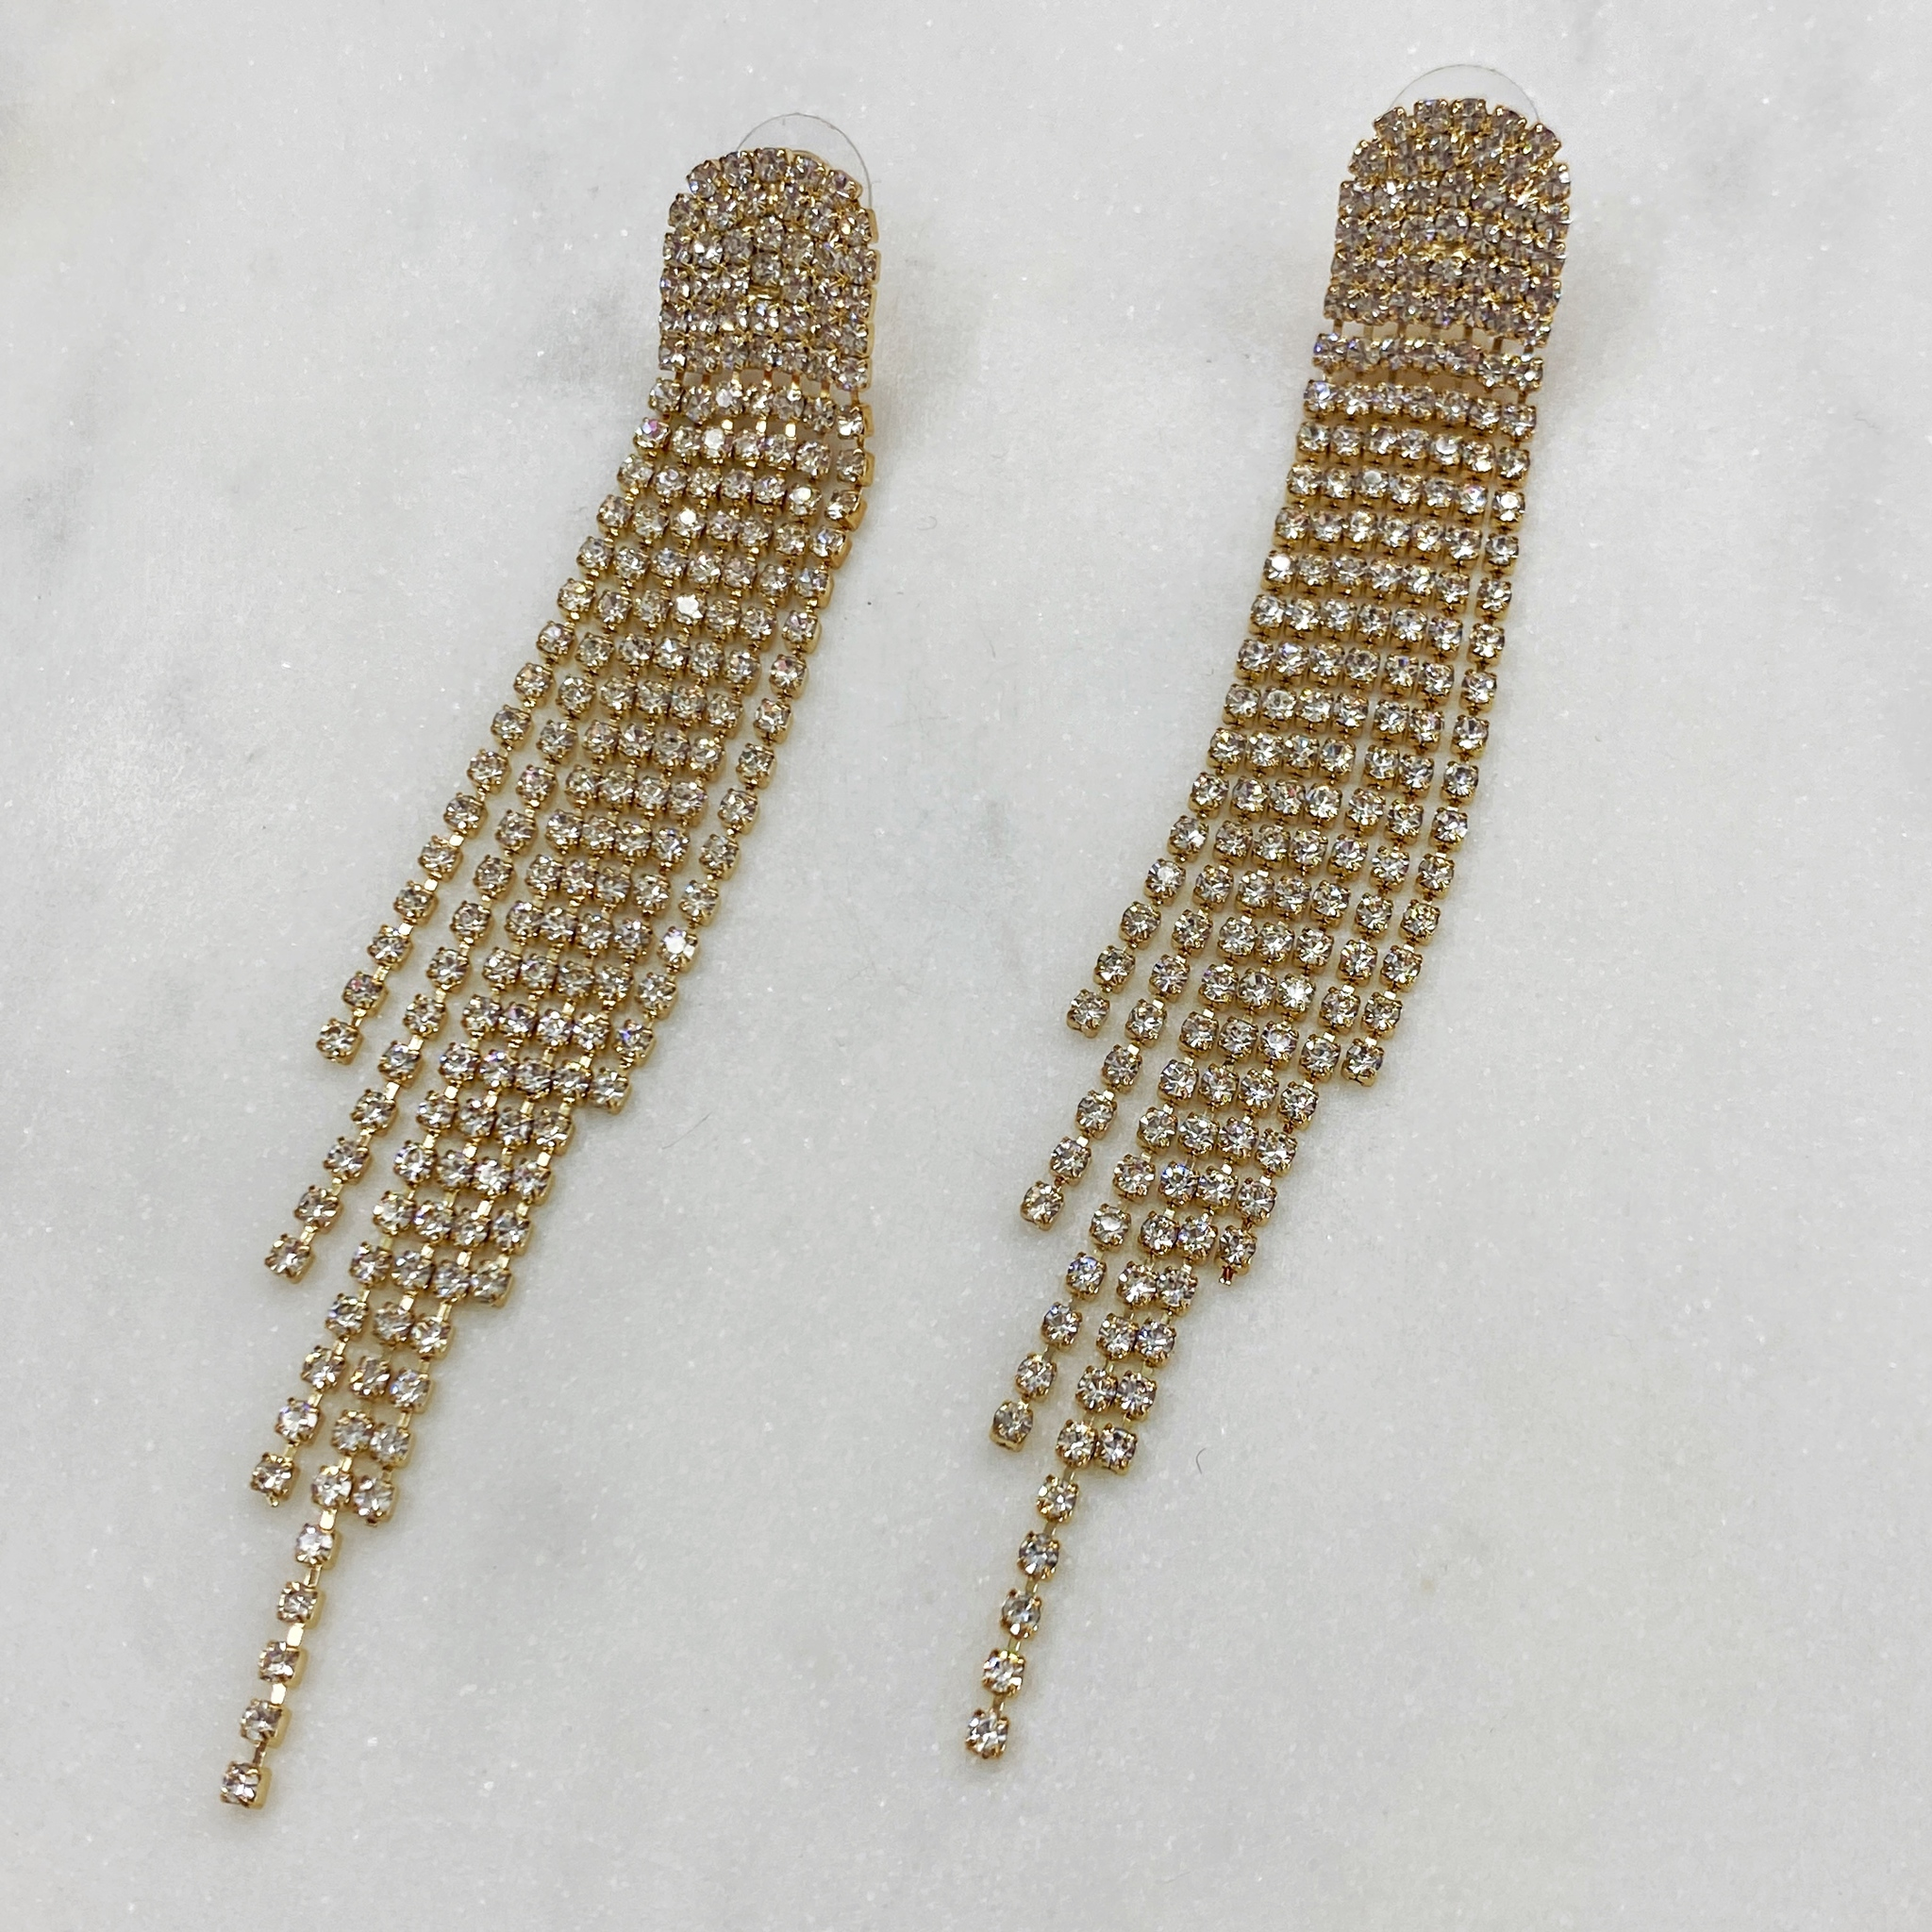 Серьги Диамант каскадные с кристаллами ш925 (золотистый)